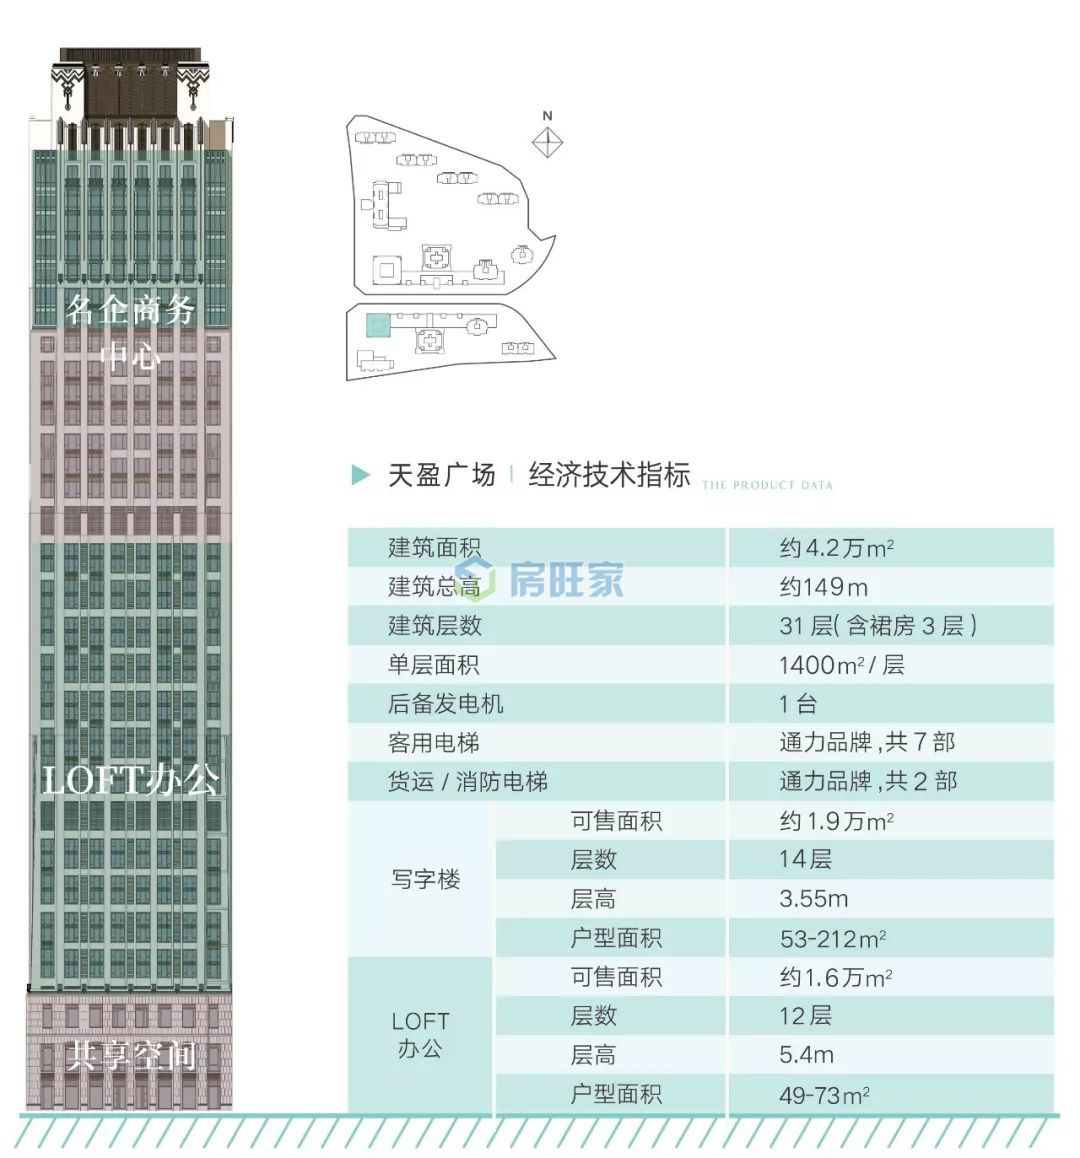 天盈广场经济技术指标